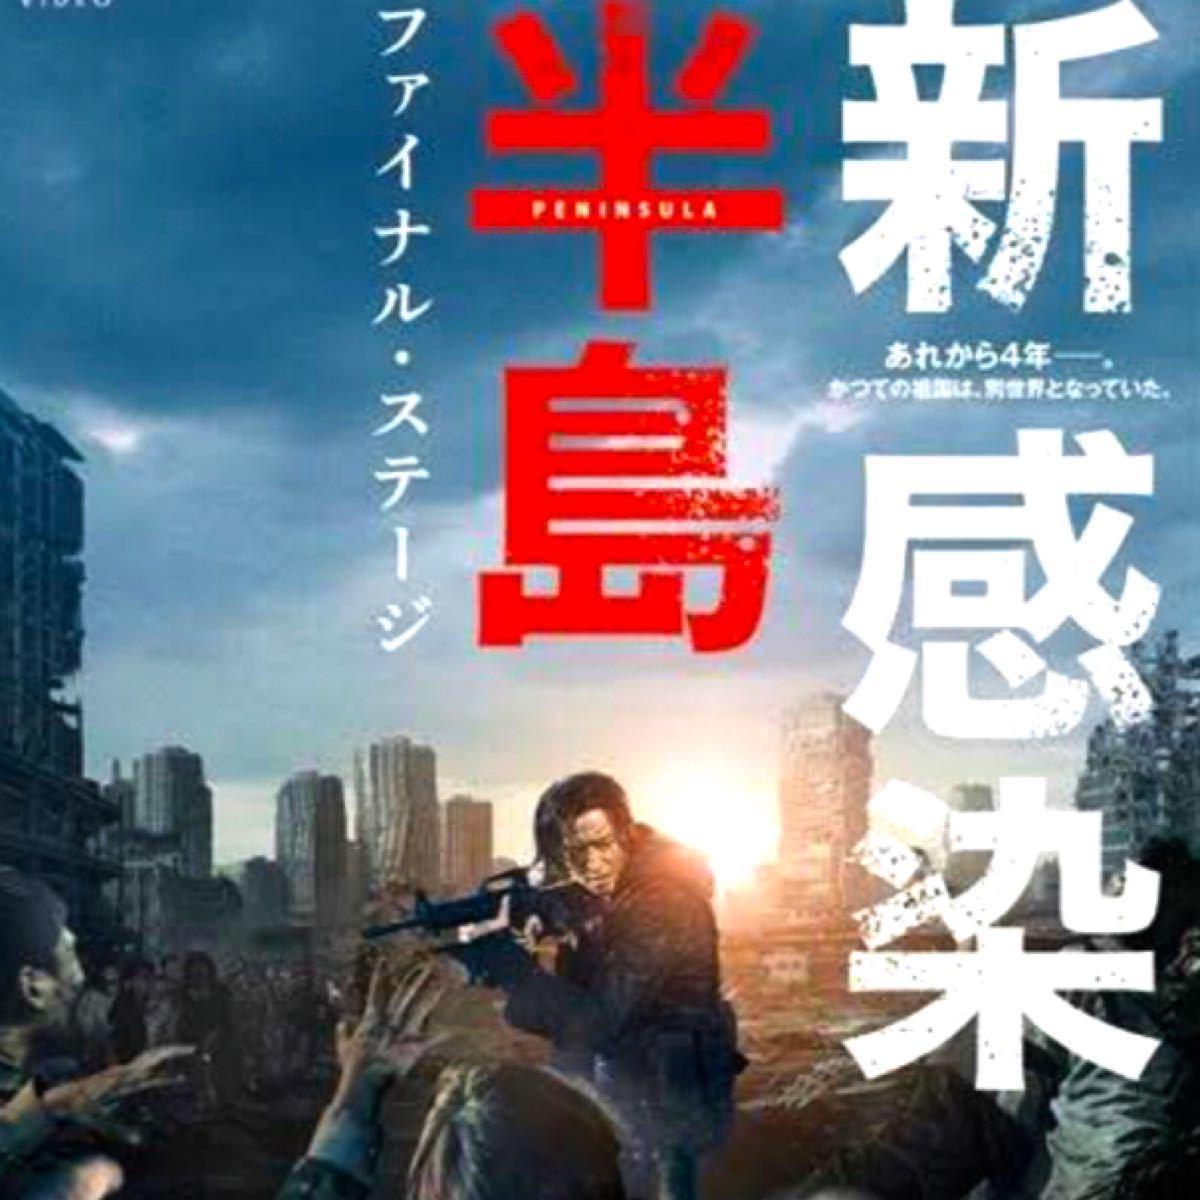 韓国映画  新感染  半島  ファイナル・ステージ  カン・ドンウォン  DVD  日本語吹替有り  レーベル有り